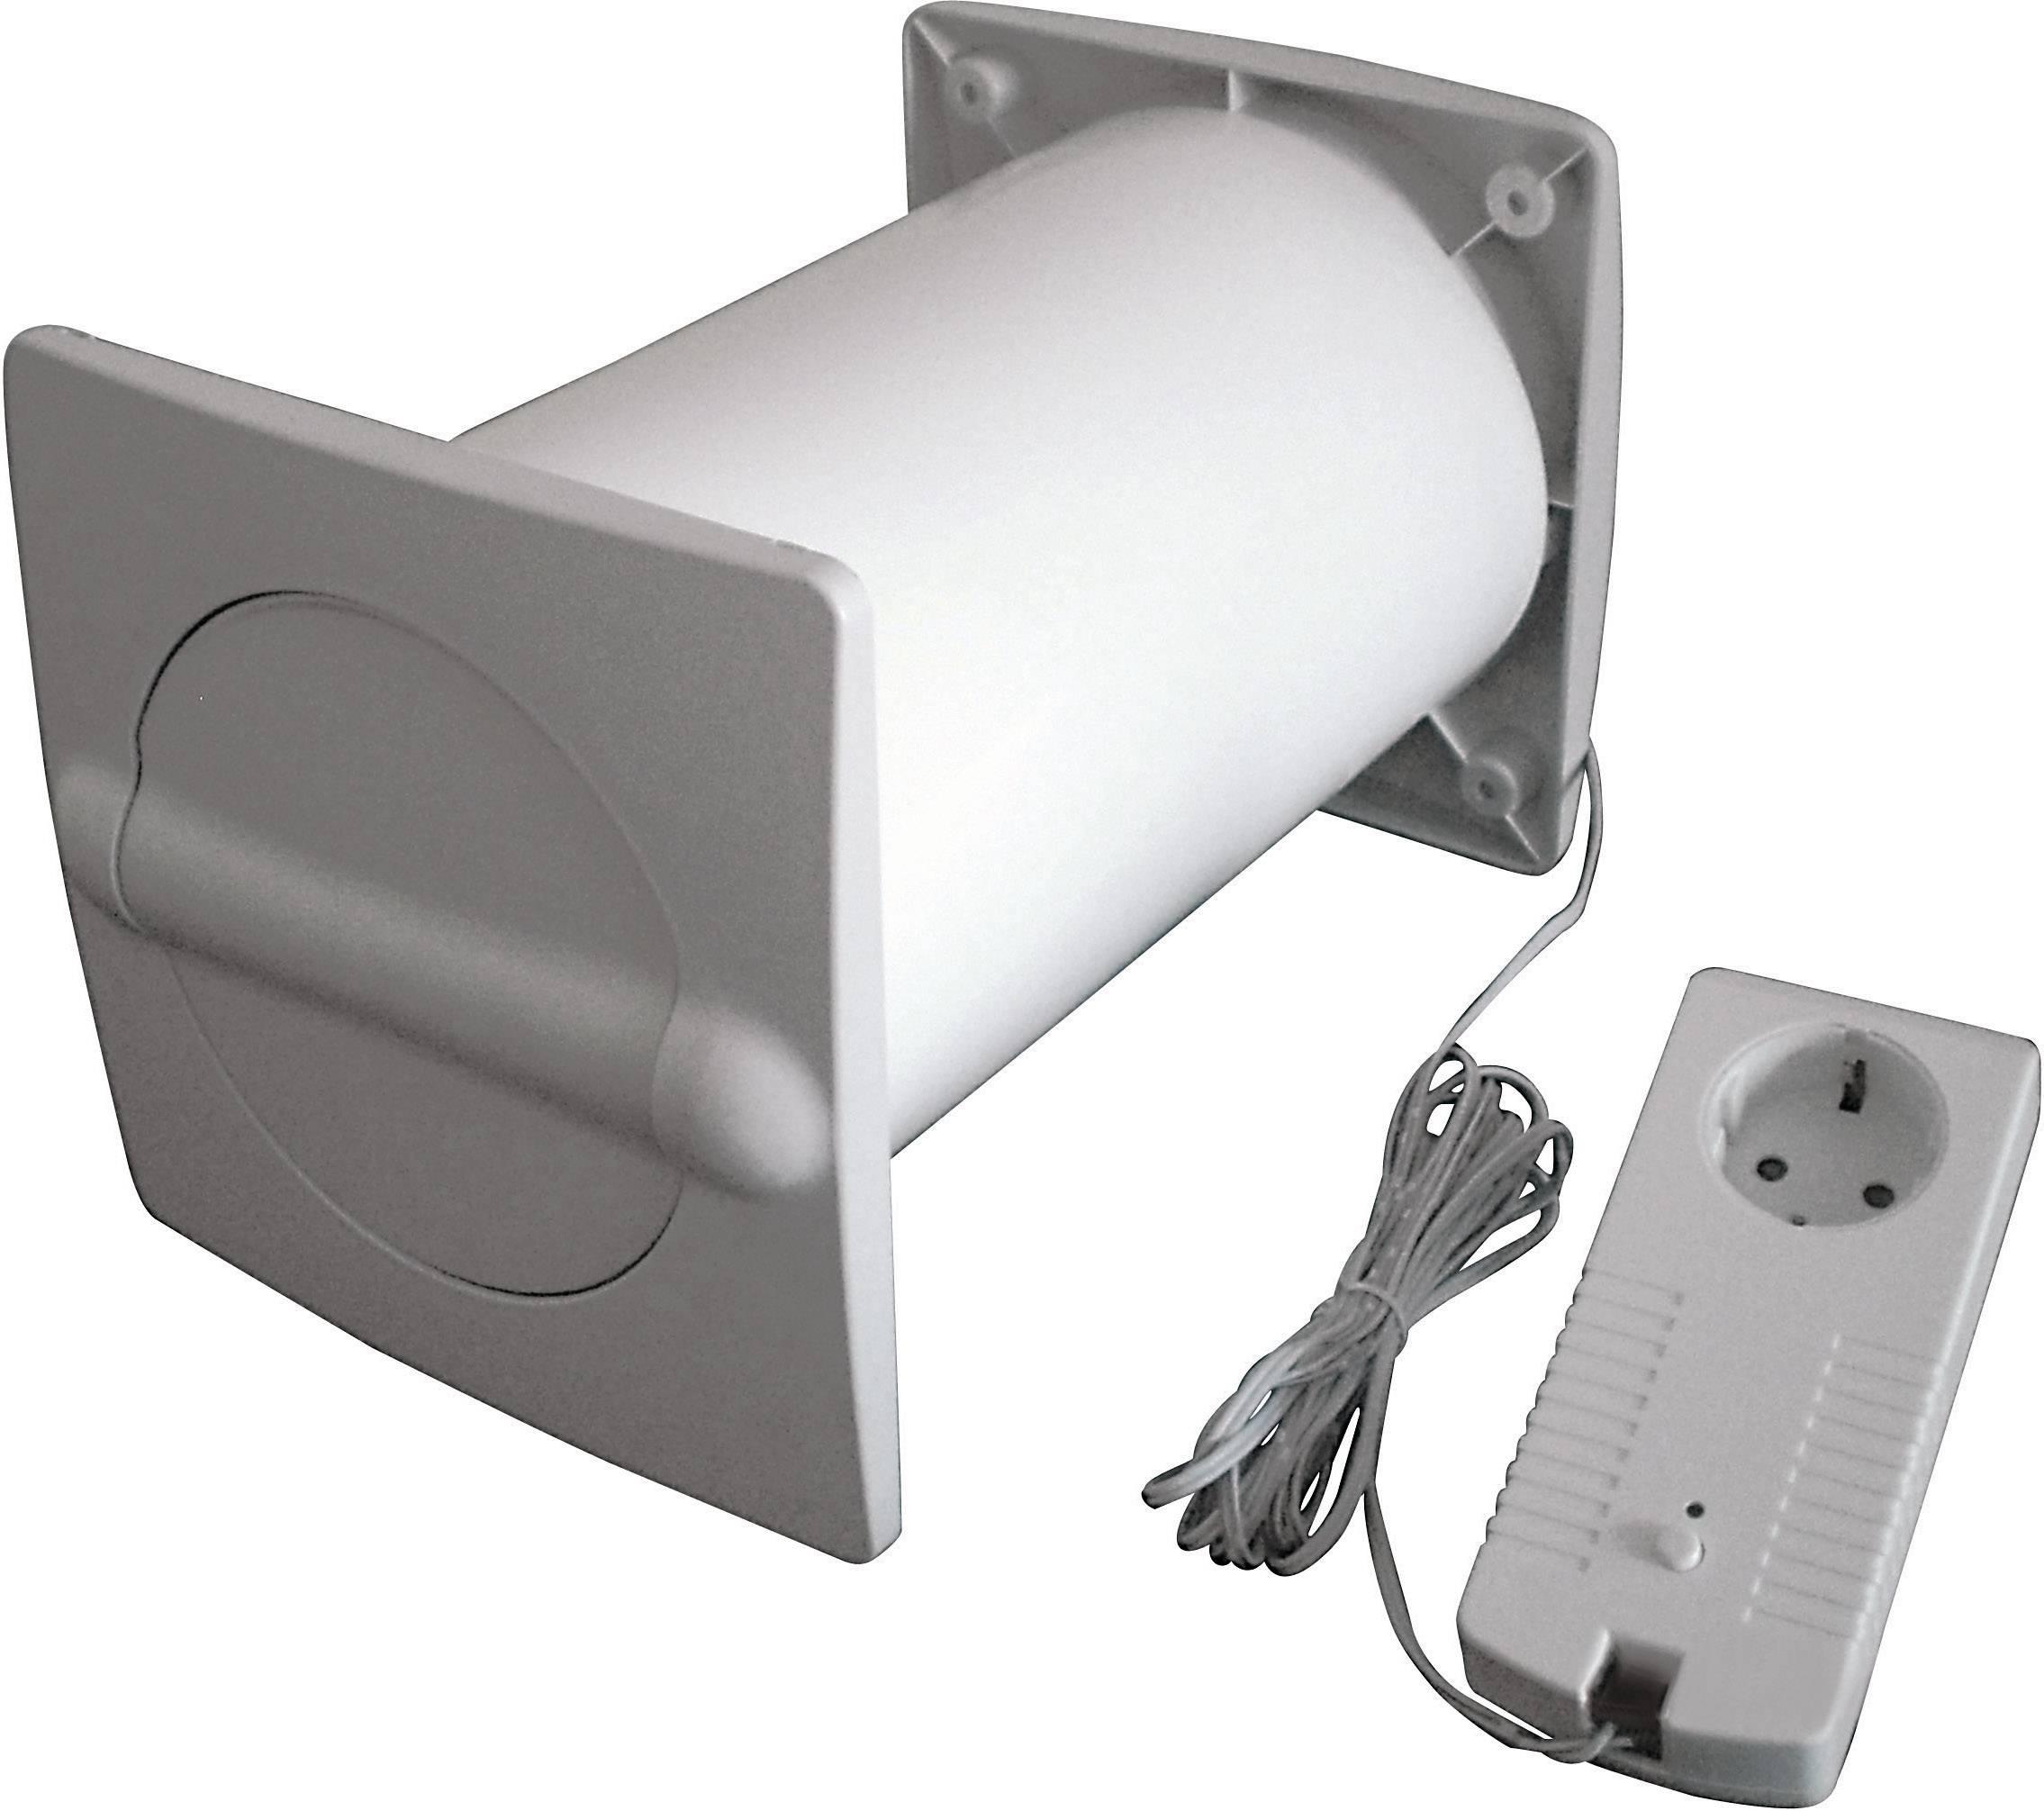 Energeticky úsporný nástenný ventilátor Wallair N37217, vhodný pre trubice s Ø 150 mm, umelá hmota